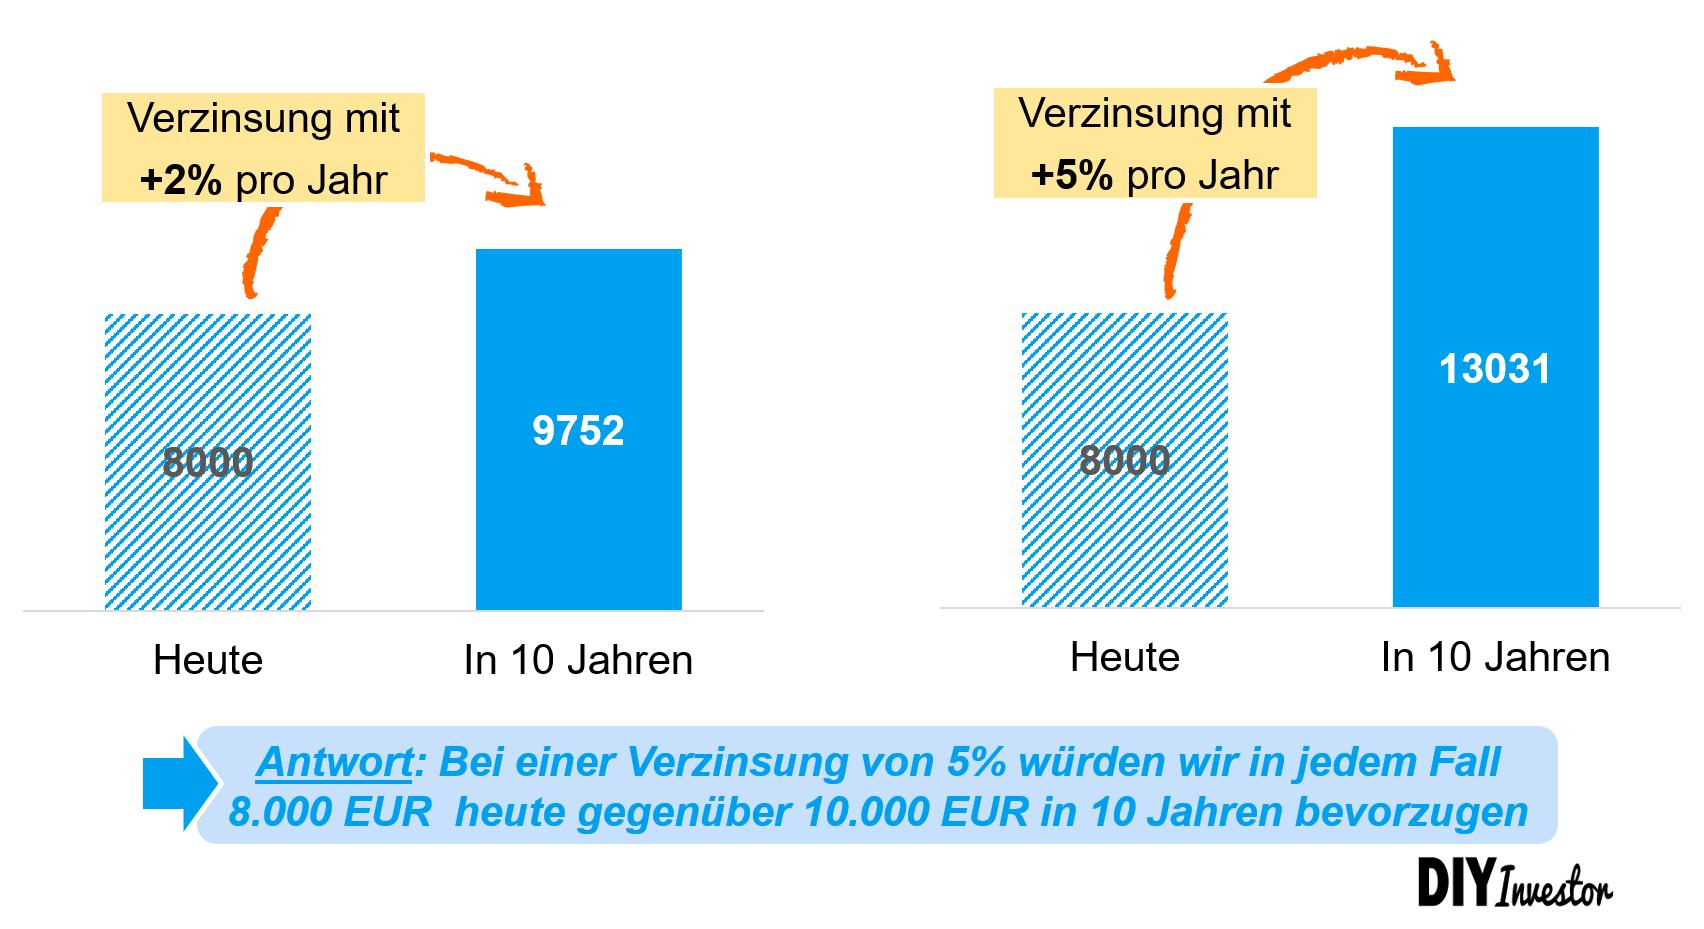 Zinseszins und Zeitwert des Geldes - Effekt nach 10 Jahren